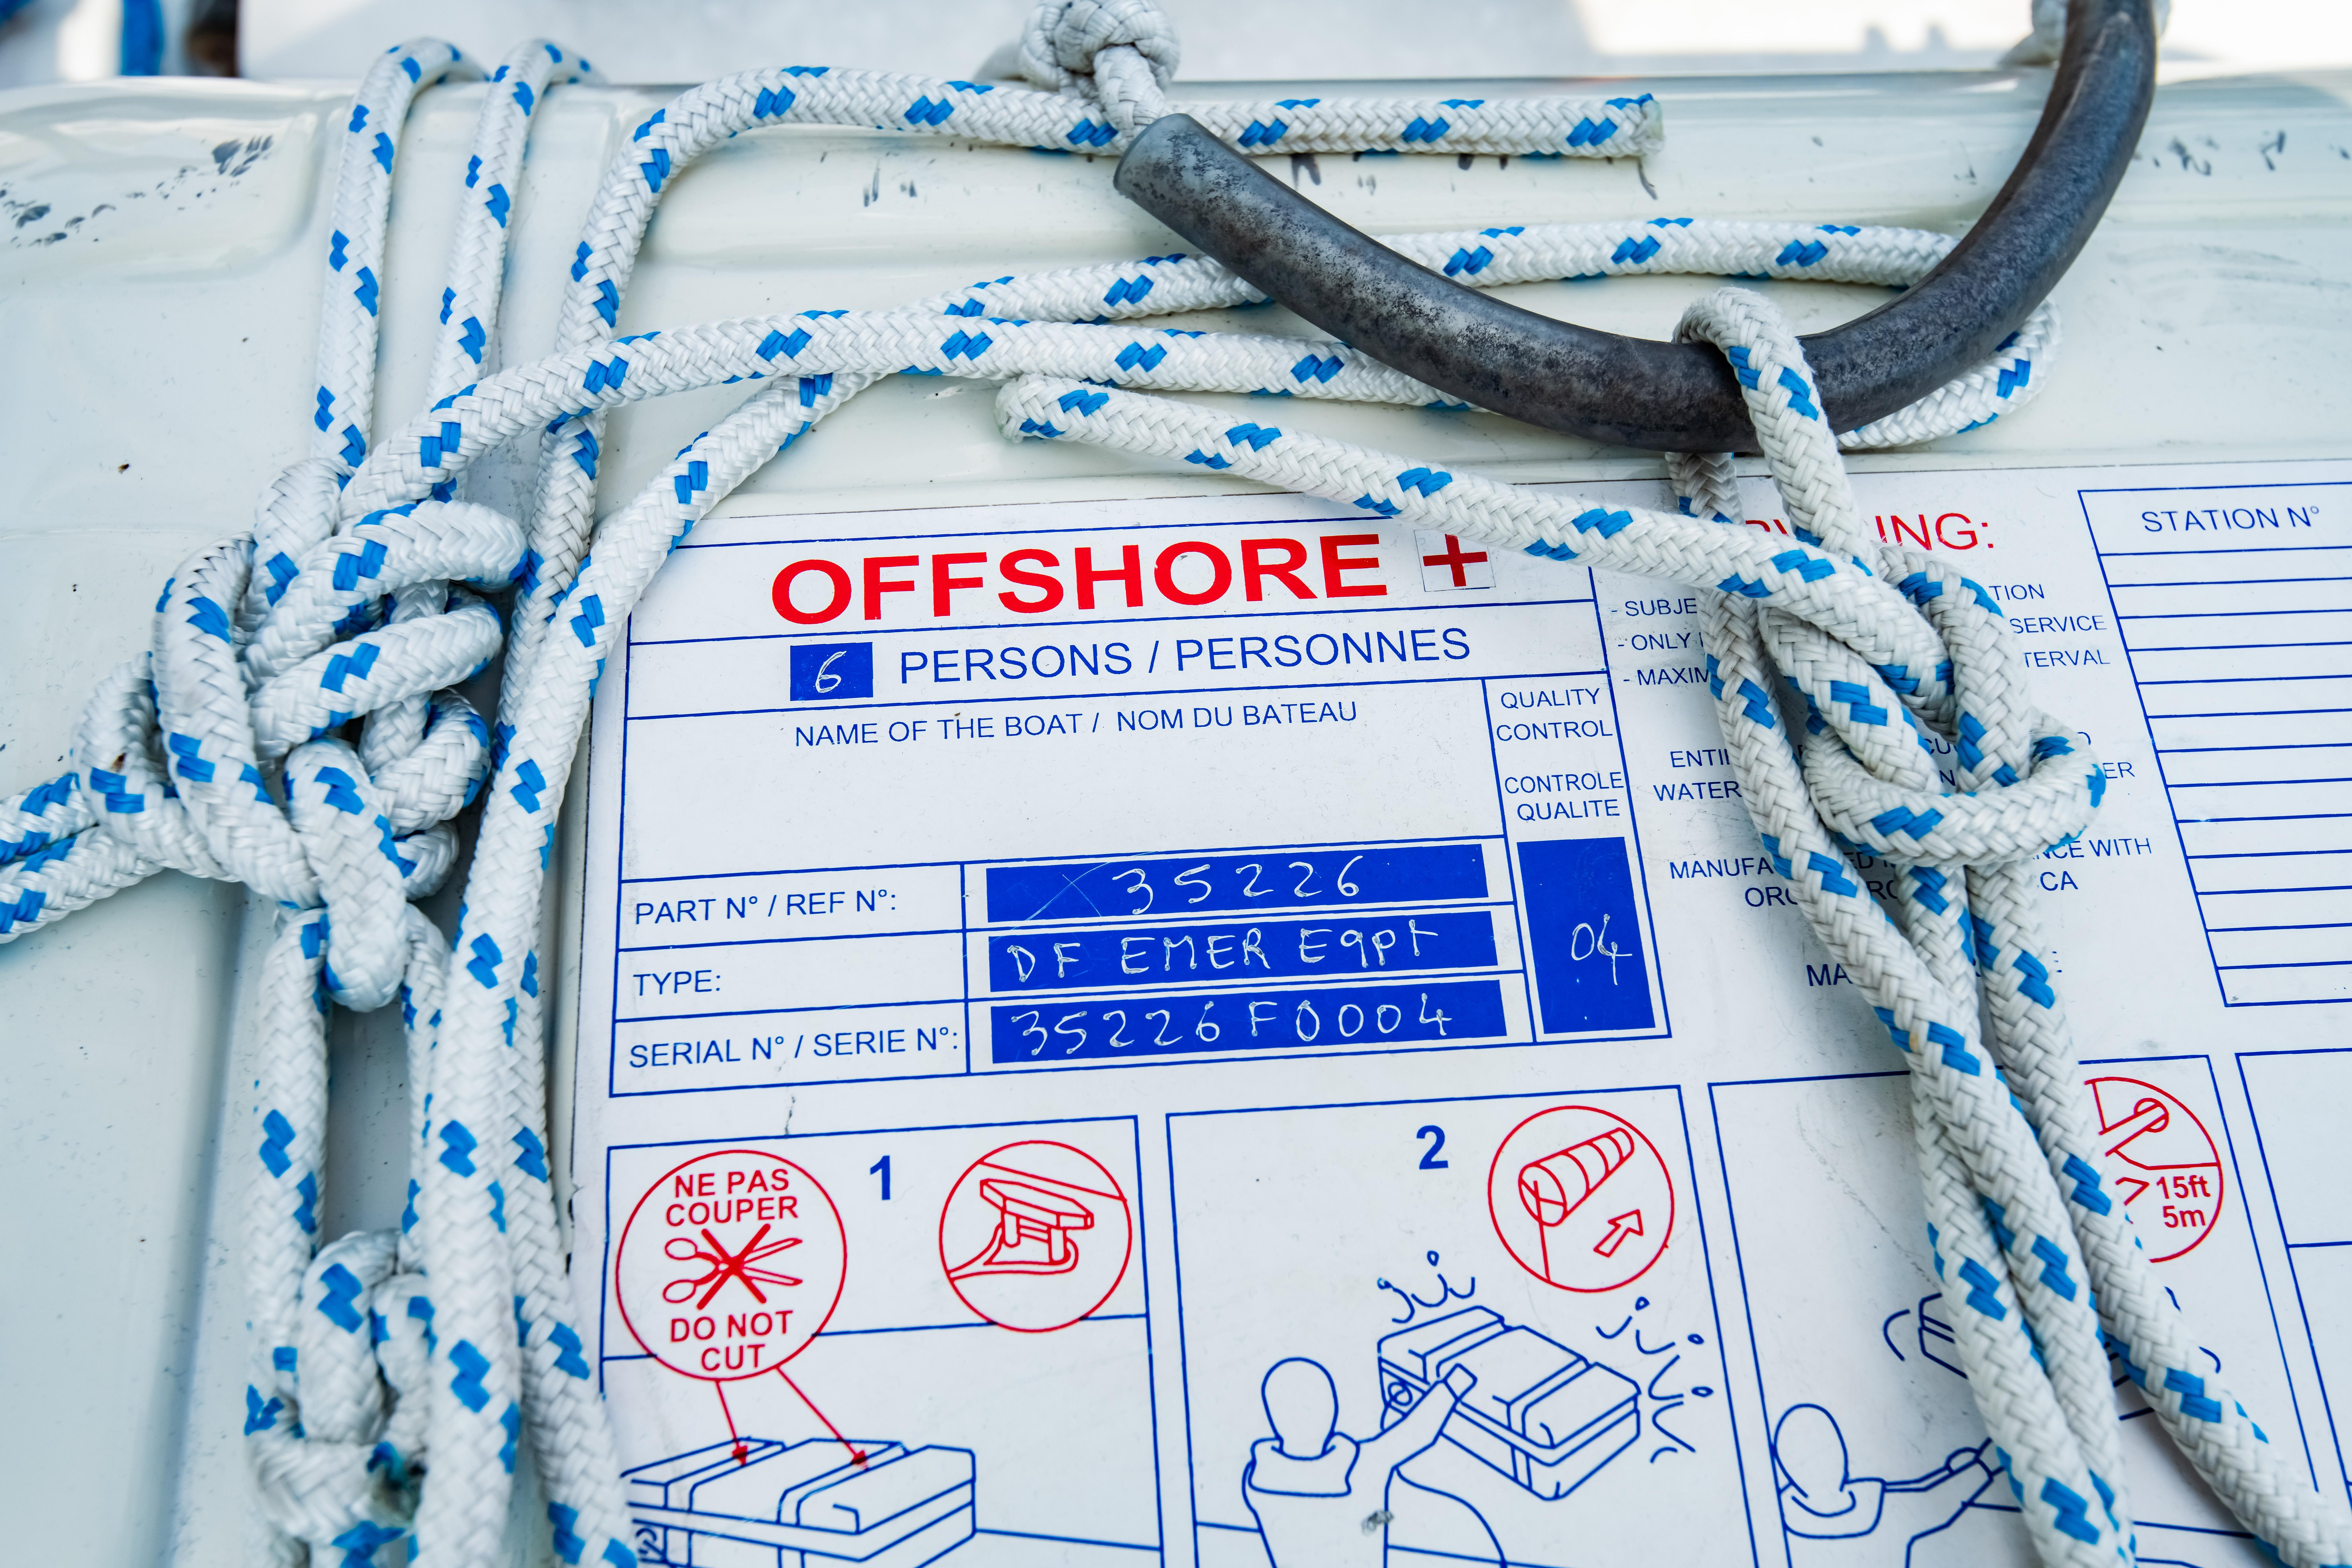 Life Raft placard close-up